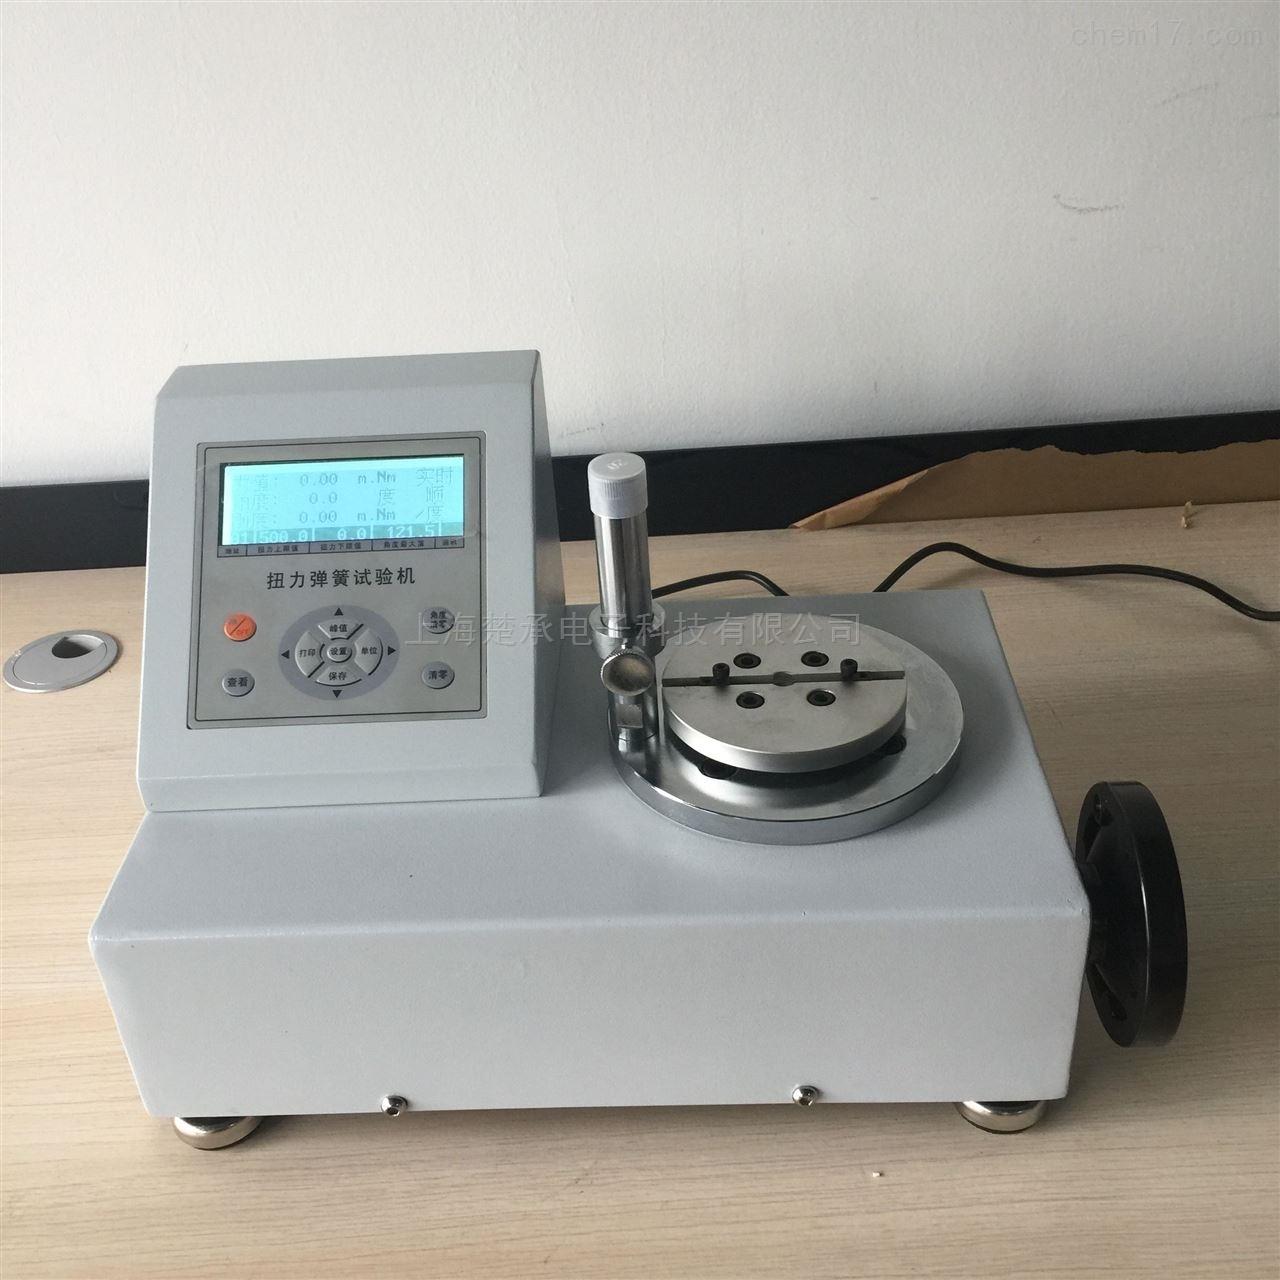 彈簧扭矩測試儀SHANH扭轉彈簧試驗機